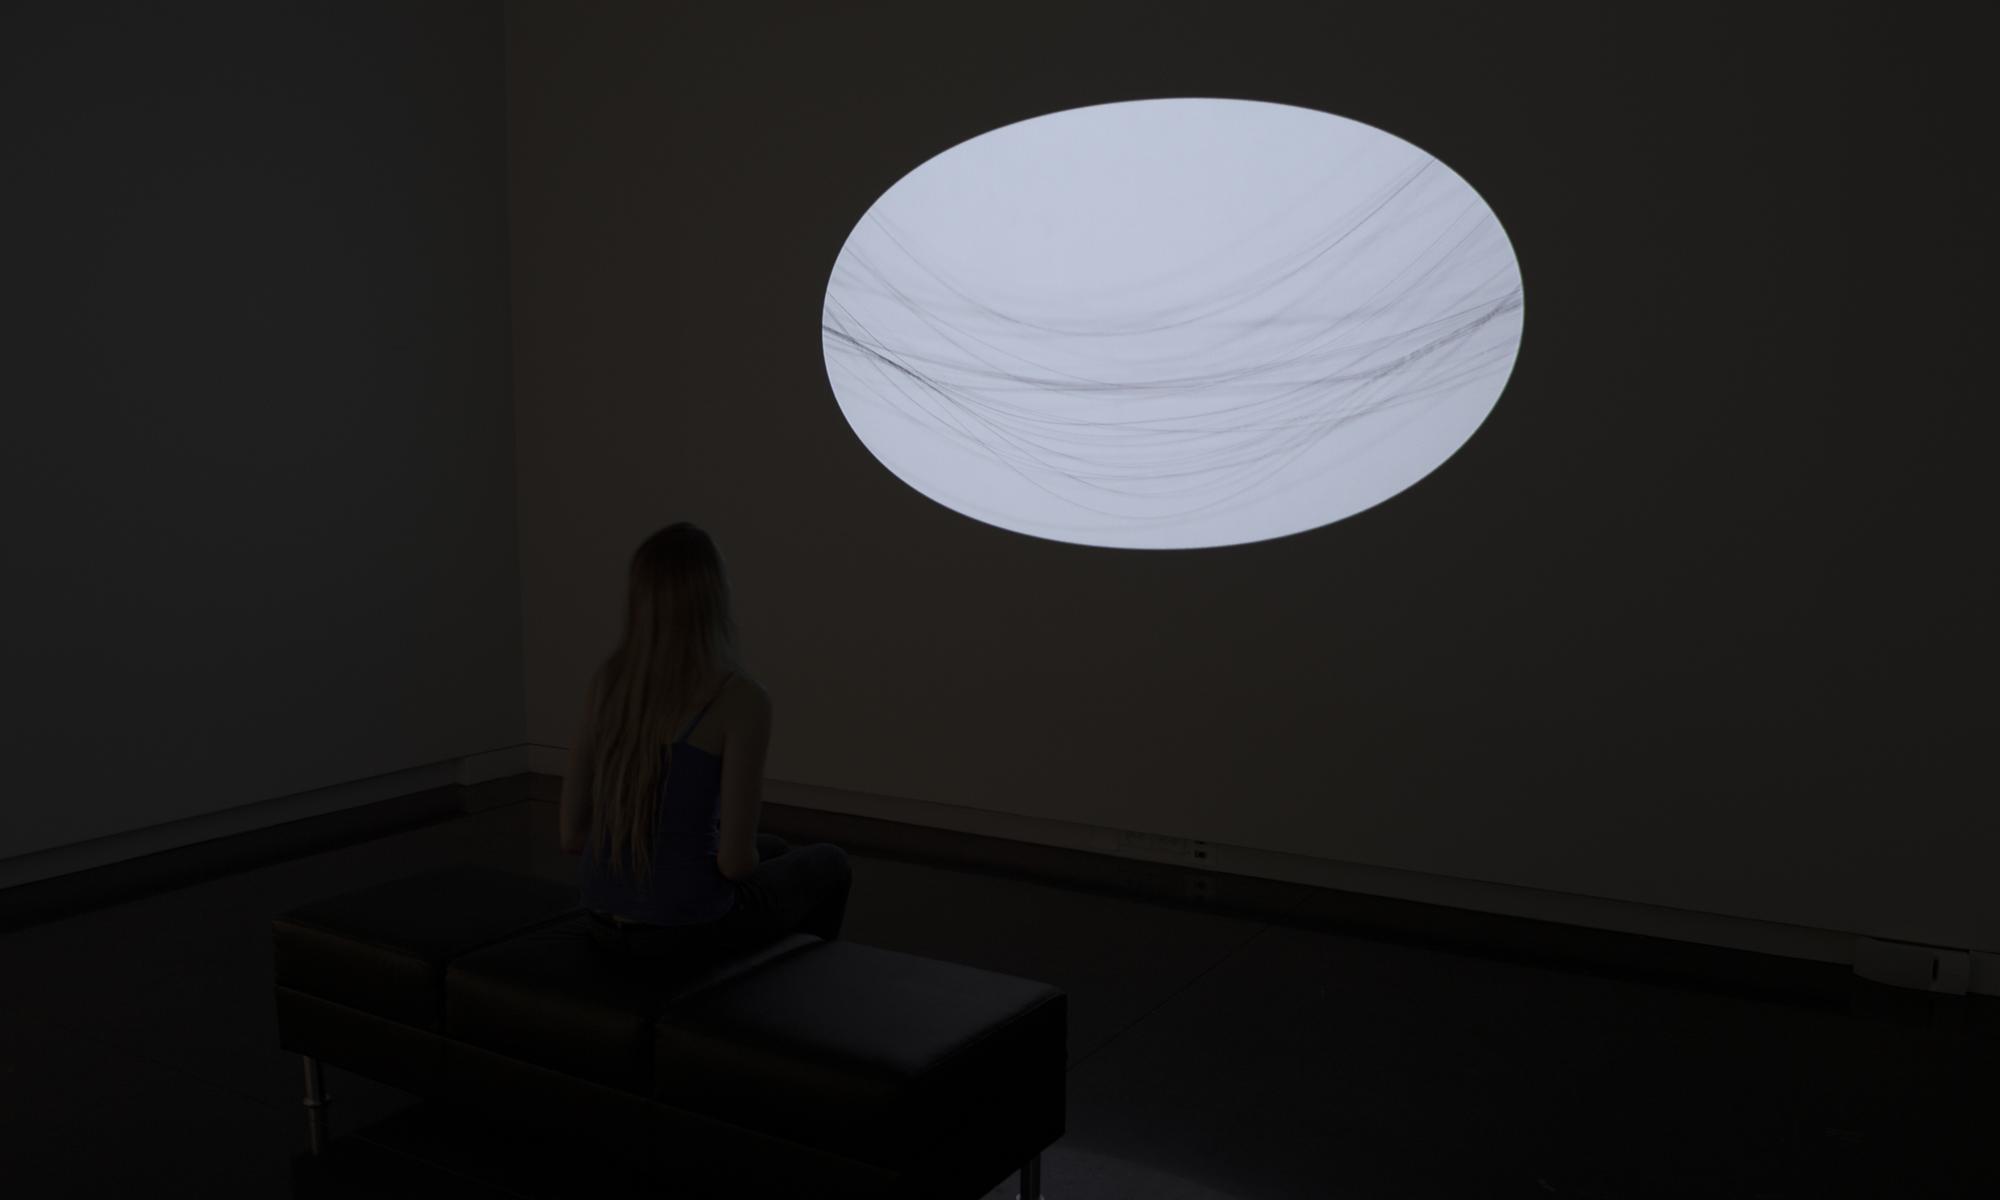 Seen/Unseen (installation view), 2014